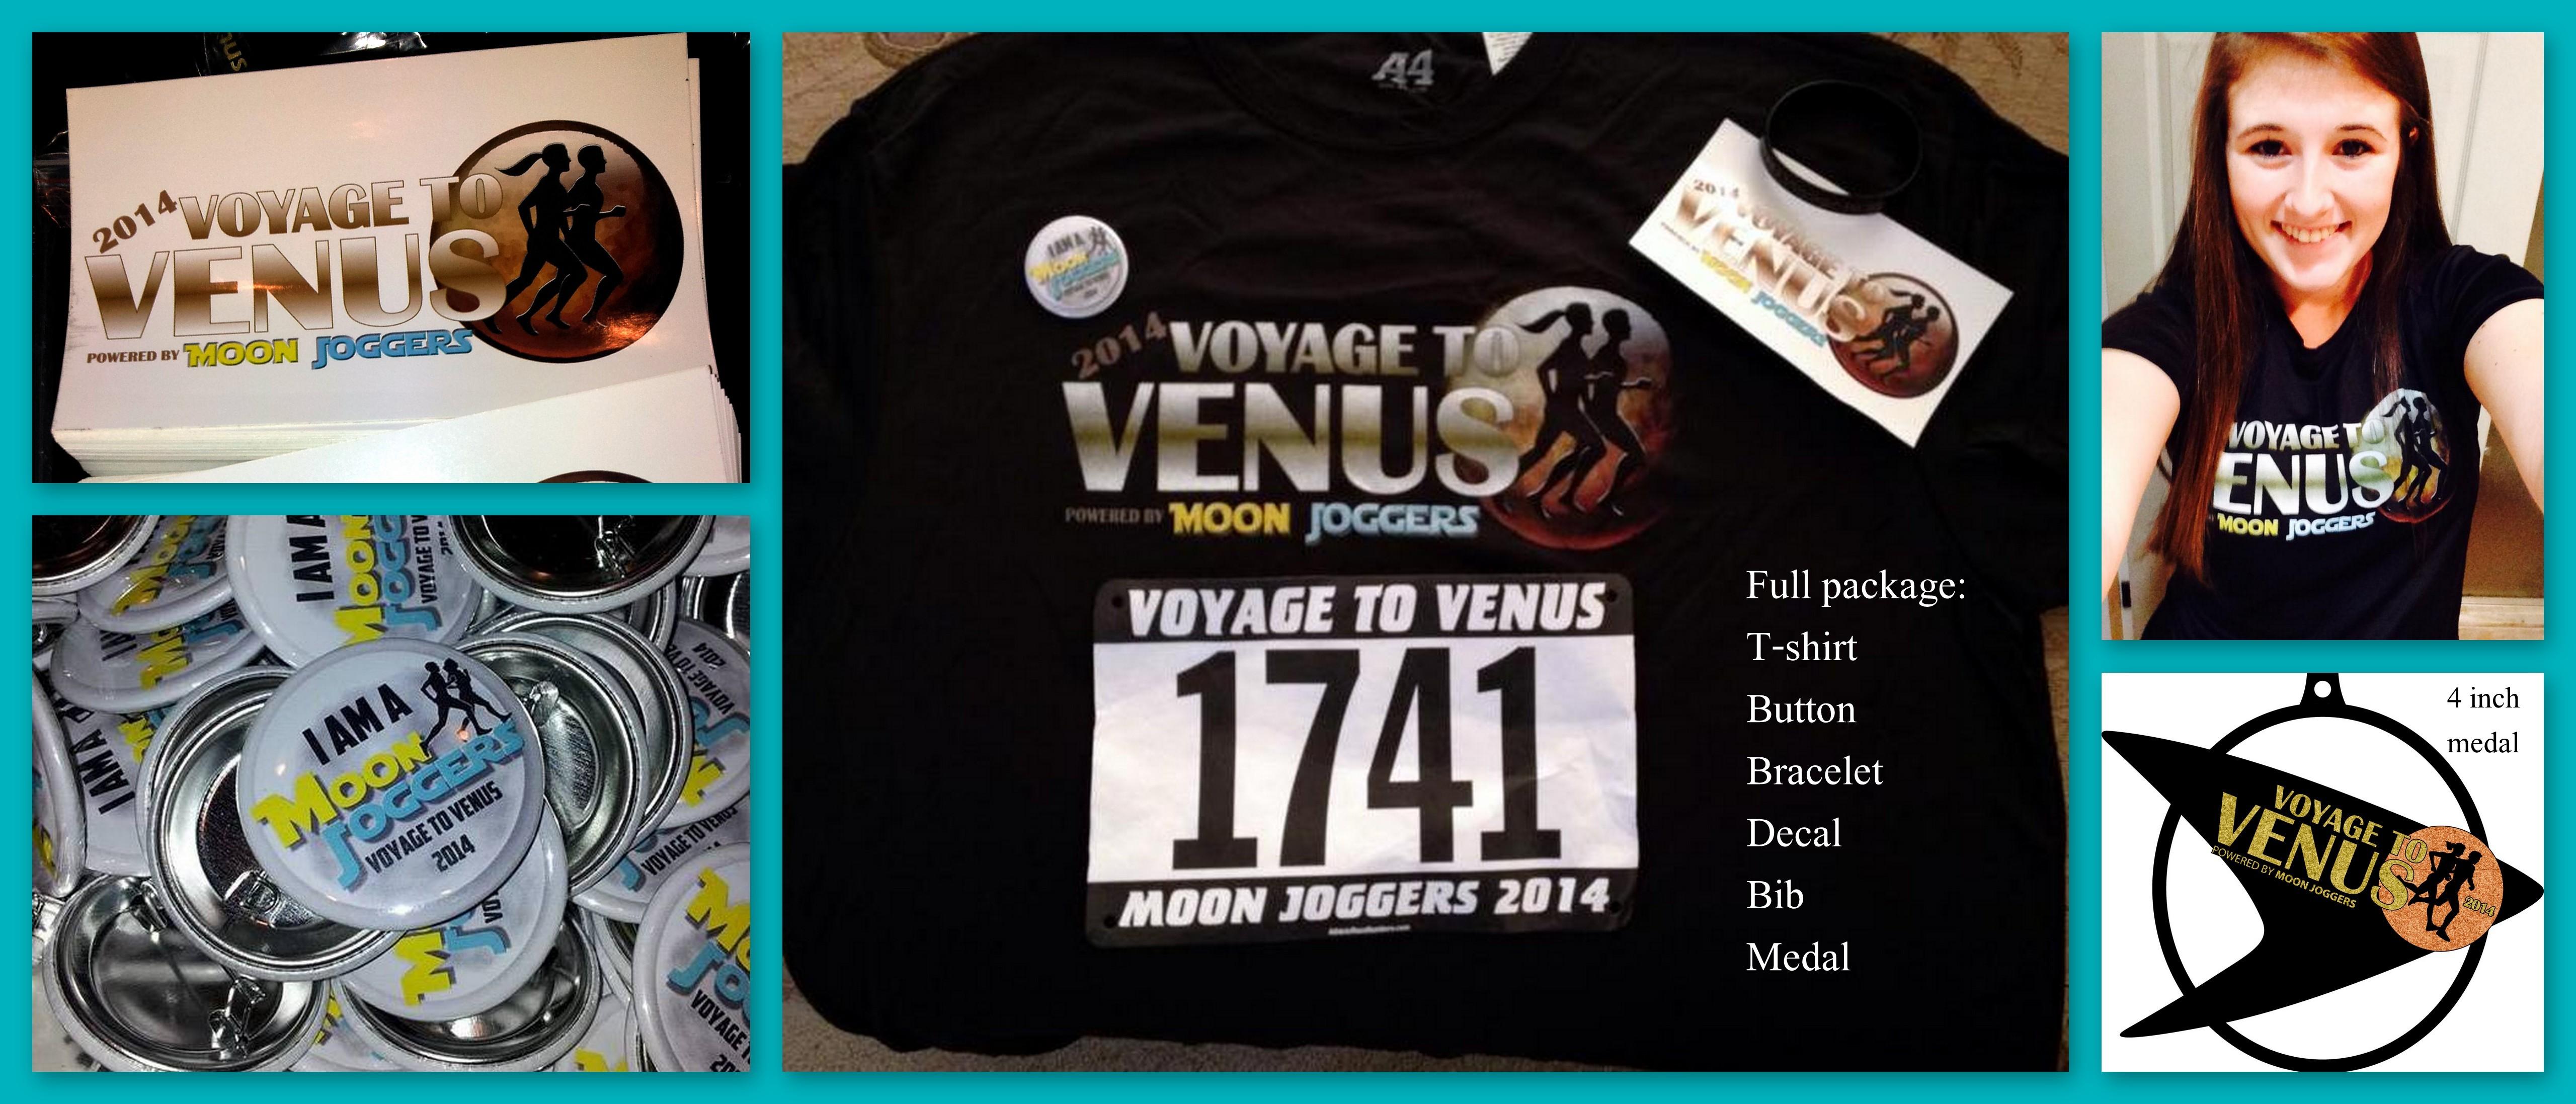 Voyage to Venus8